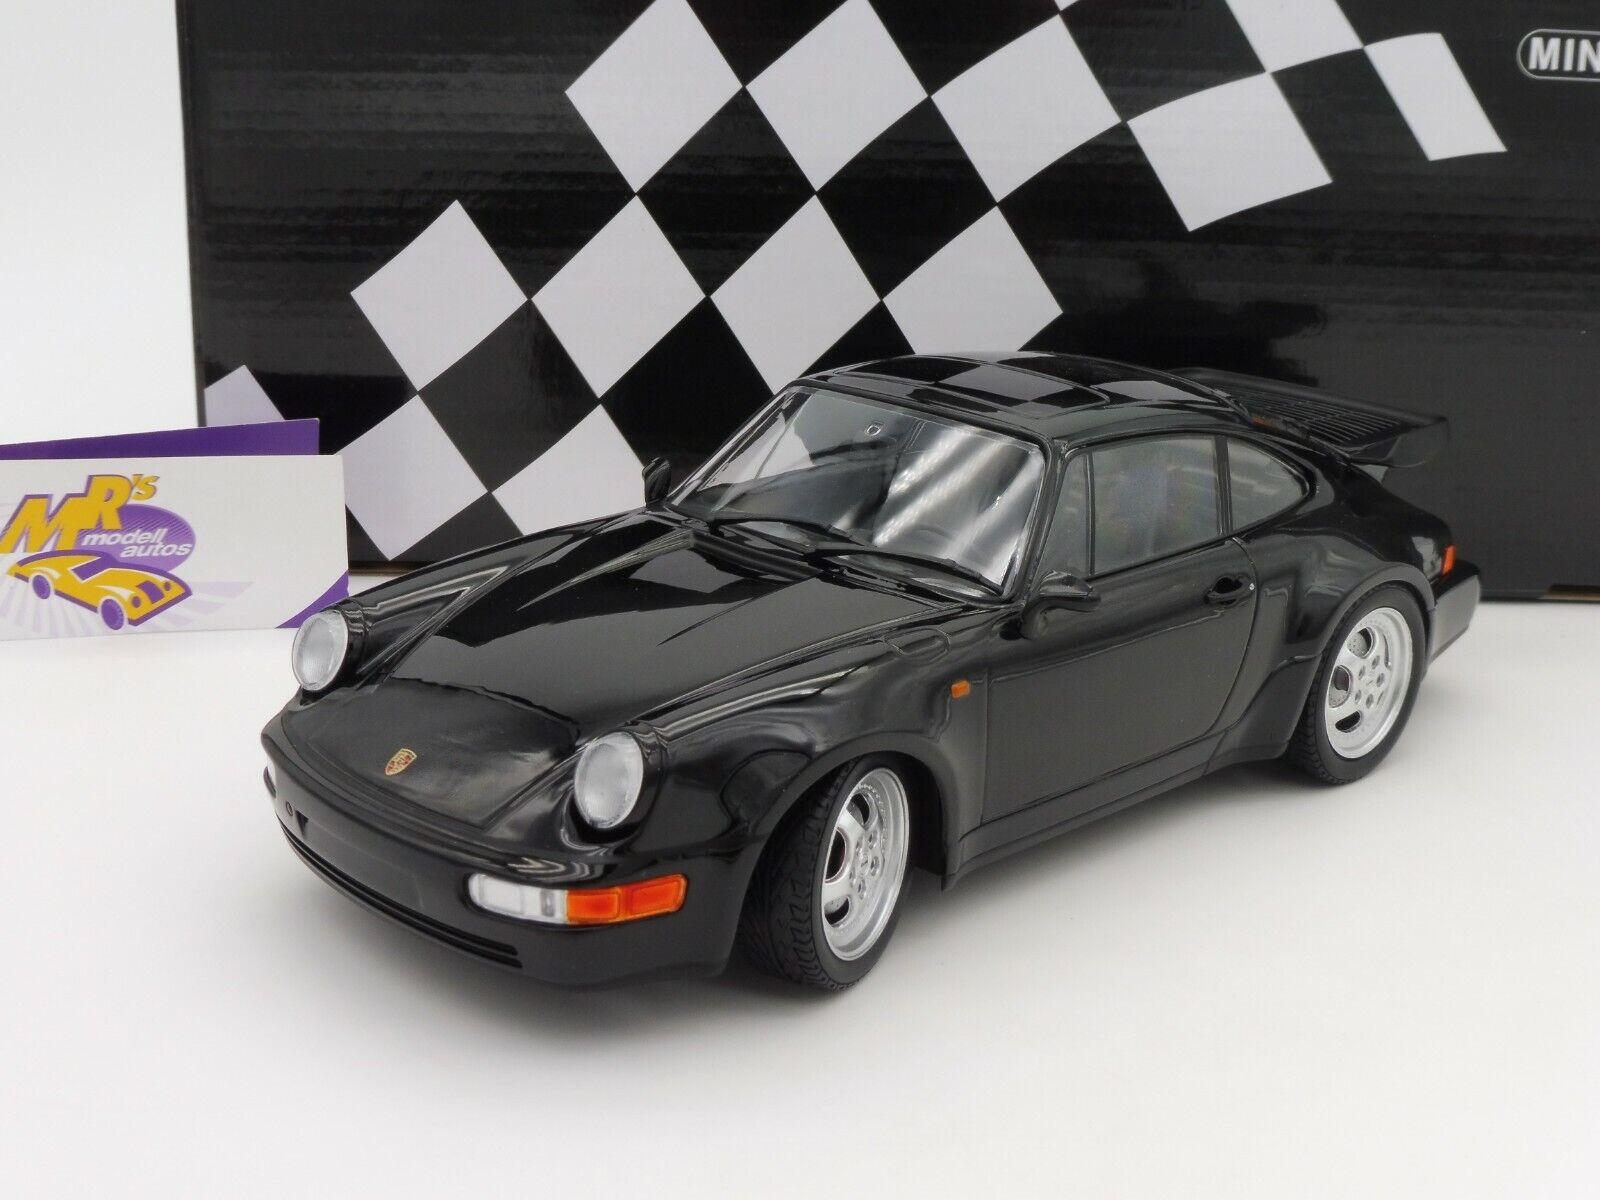 MINICHAMPS 155069104   Porsche 911 Turbo Année de fabrication 1990 in  Noir  1 18 BERLINE ED